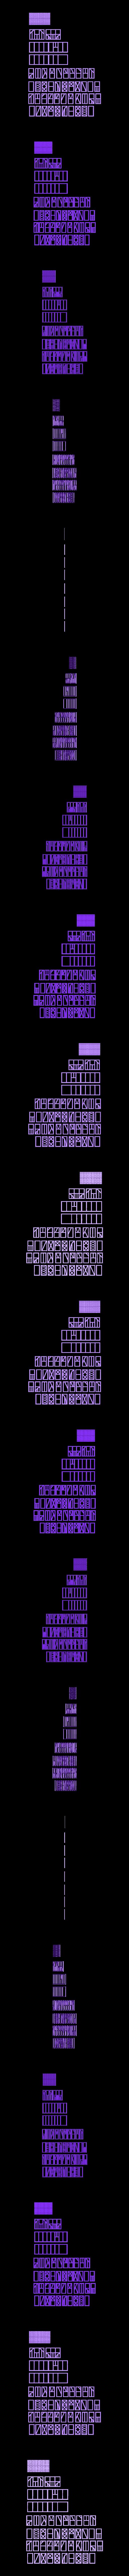 medieval_fantasy_euro_house_bits.stl Télécharger fichier STL gratuit Bits sur la maison de l'Europe de la fantaisie médiévale • Modèle pour impression 3D, onebitpixel